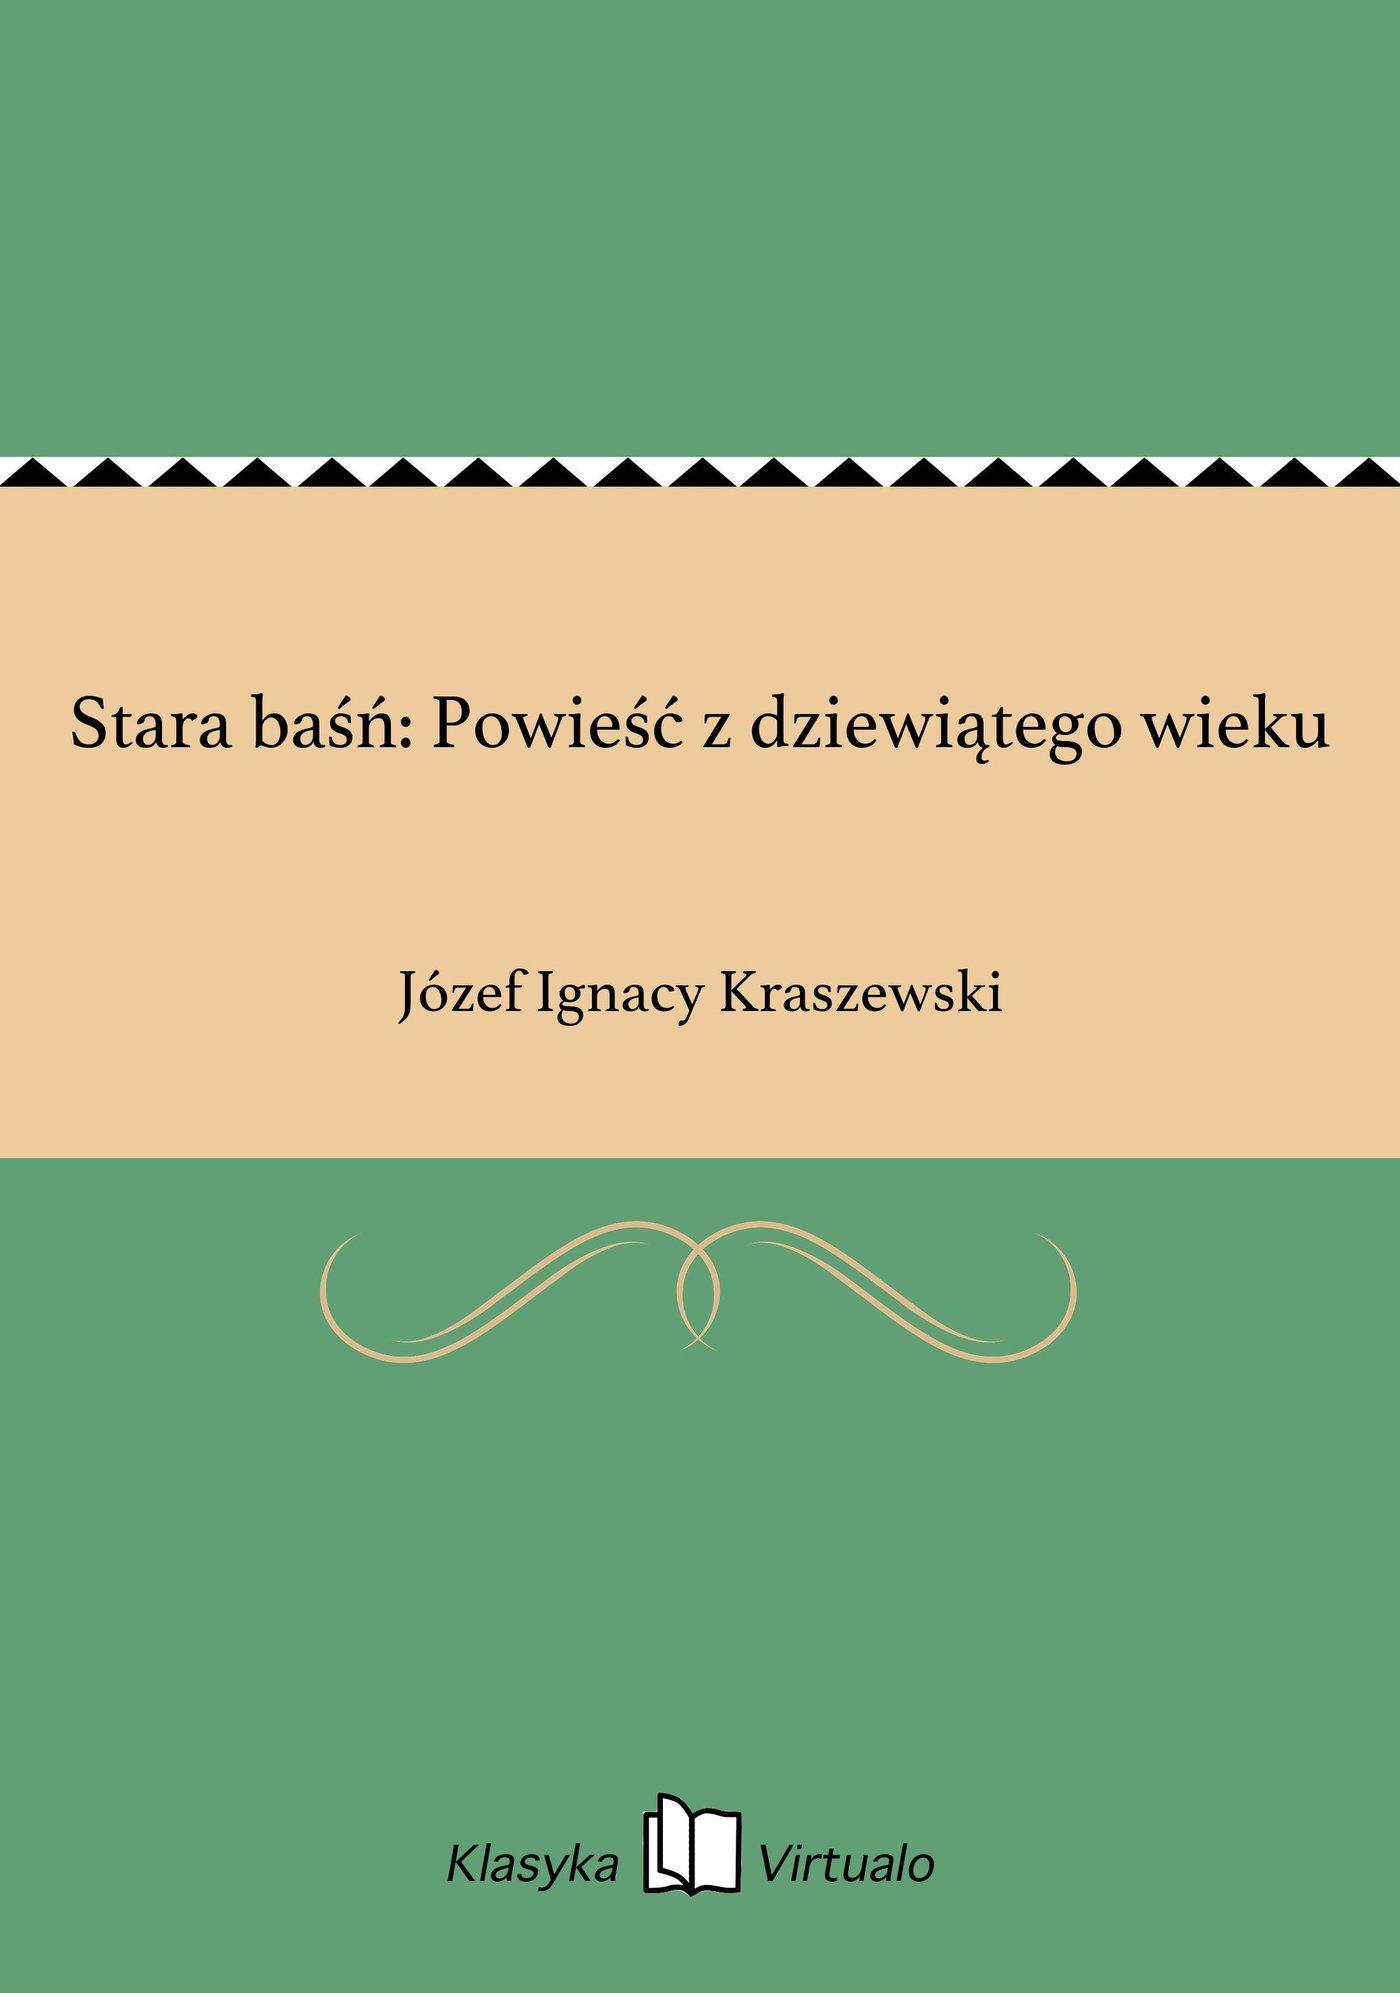 Stara baśń: Powieść z dziewiątego wieku - Ebook (Książka EPUB) do pobrania w formacie EPUB